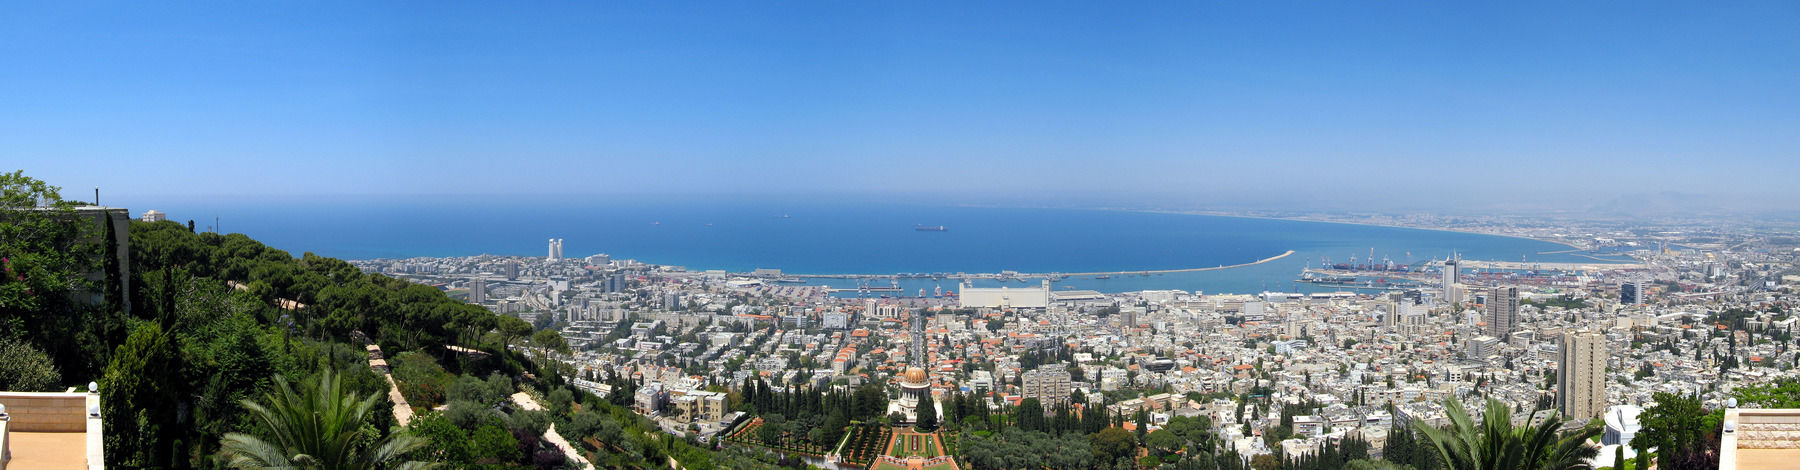 Rejser Til Israel Ferie I Israel Ibookeddk